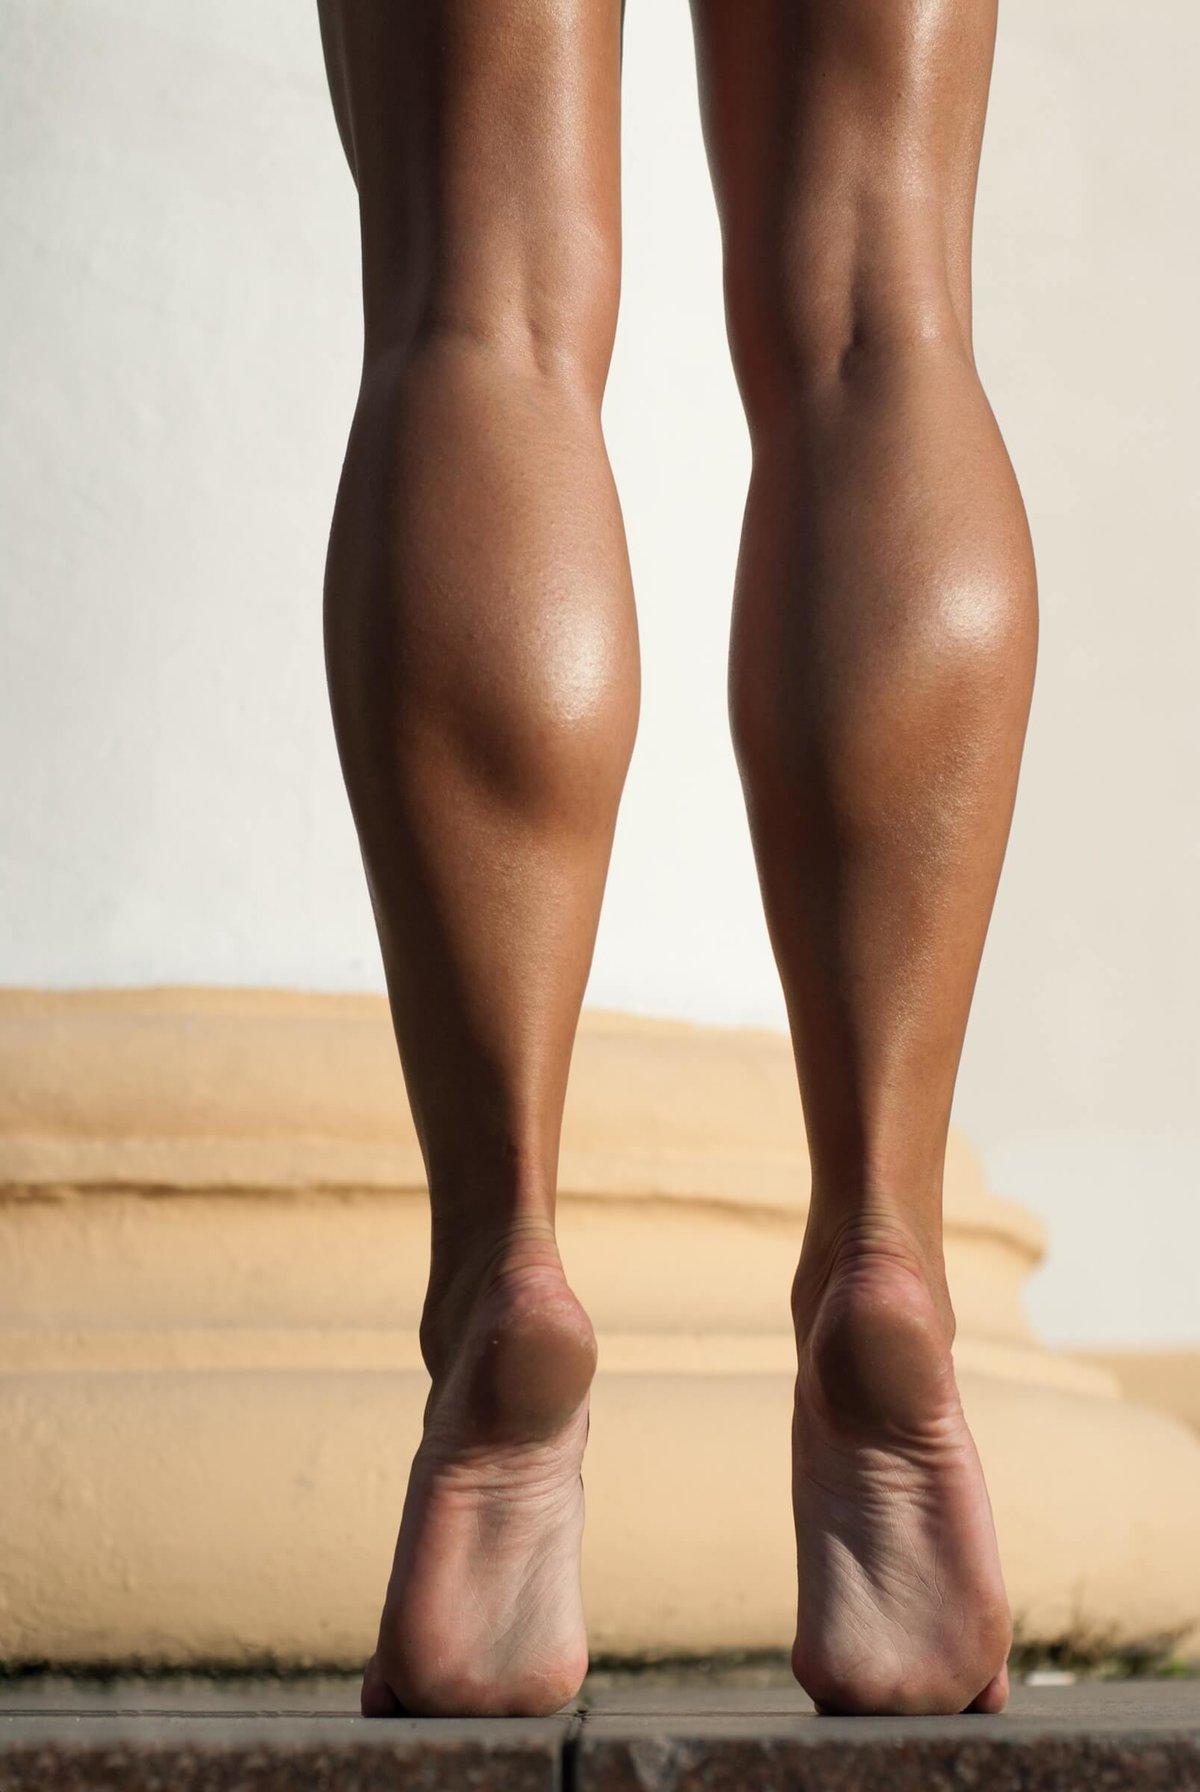 сами голени фотографии онлайн рекомендуем вам либо